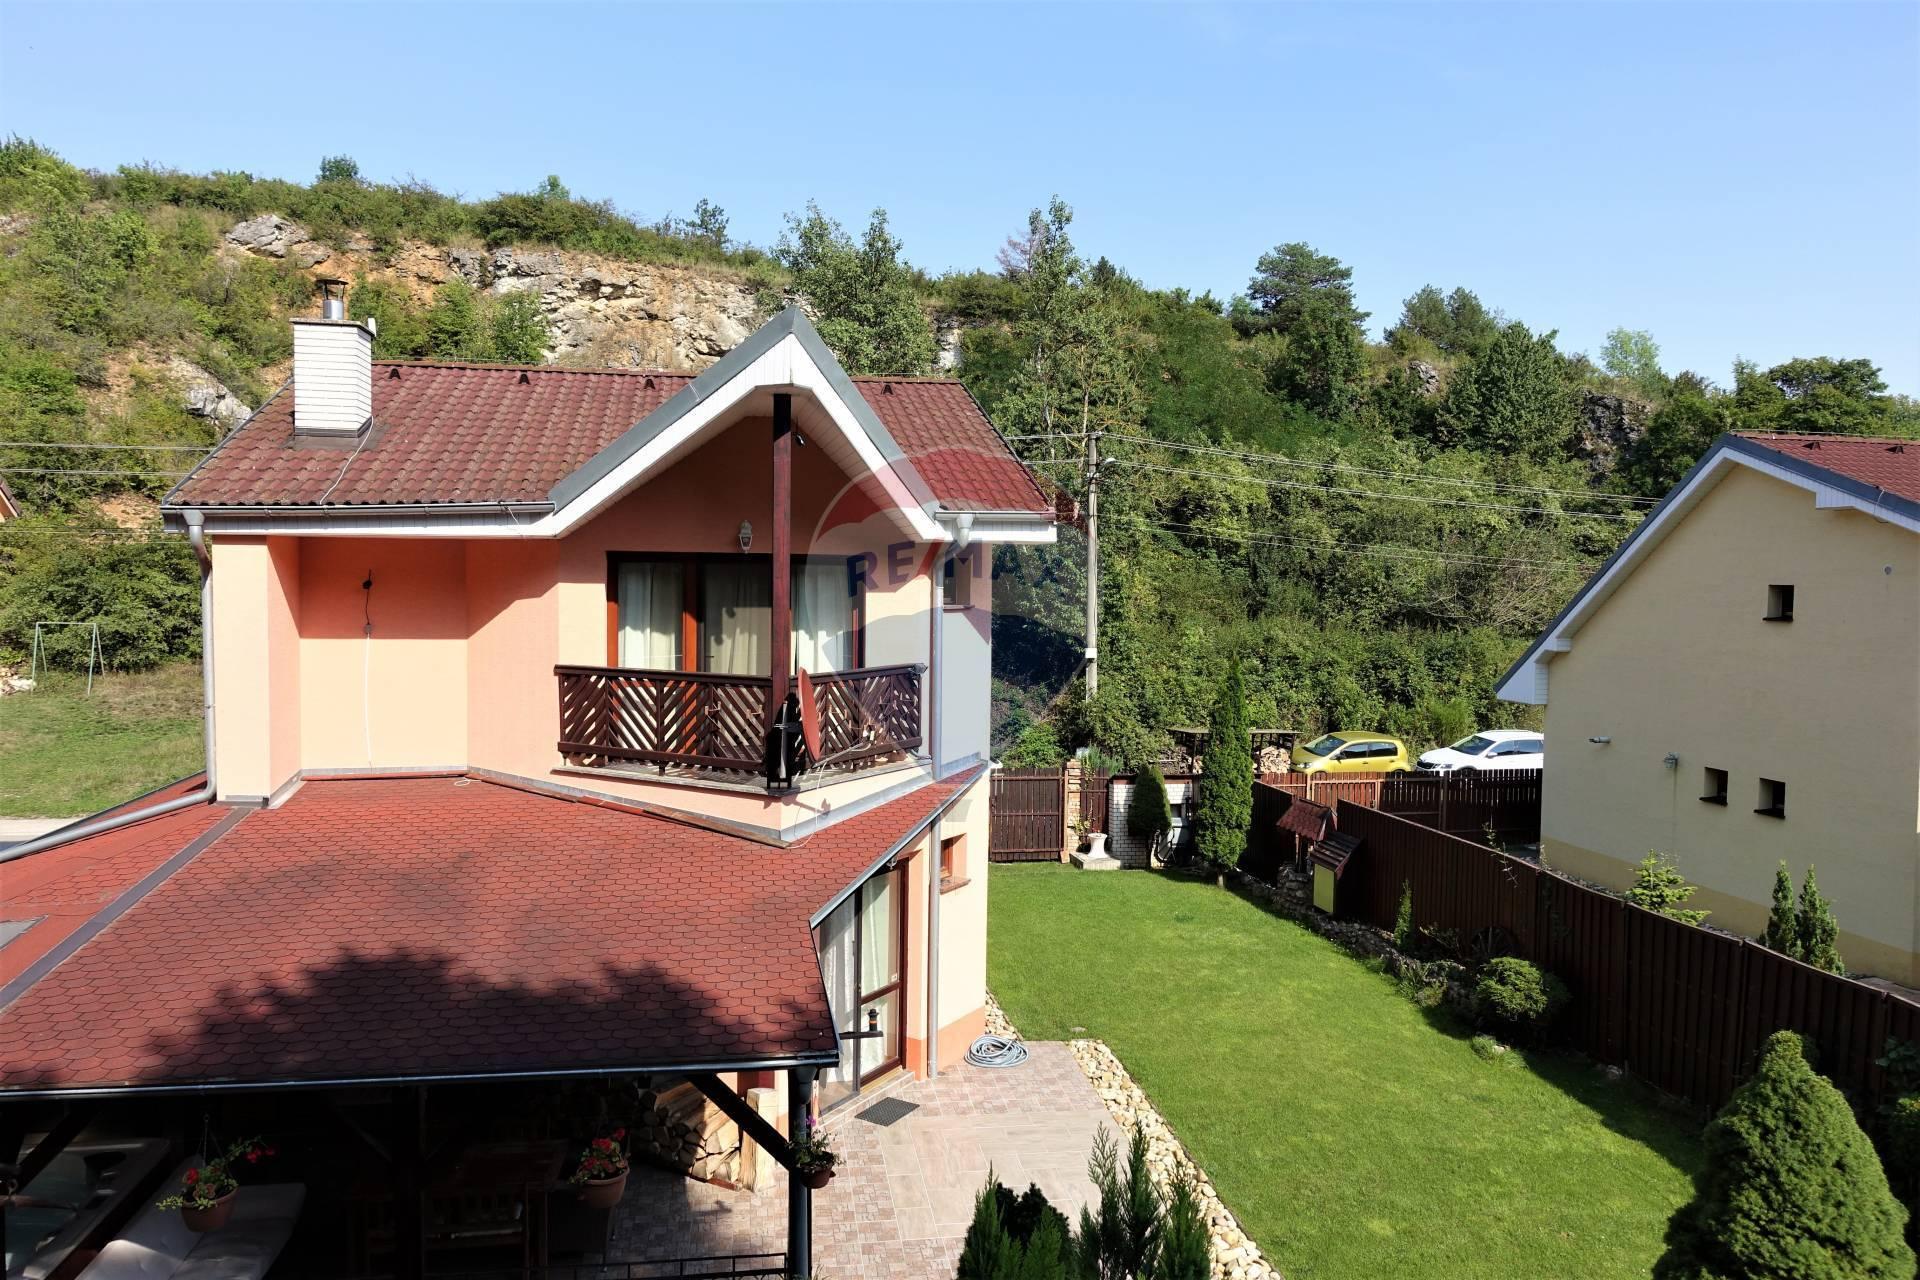 Predaj 3 izb. kompletne zariadeného rodinného domu na Dobrej Vode, krb, vírivka